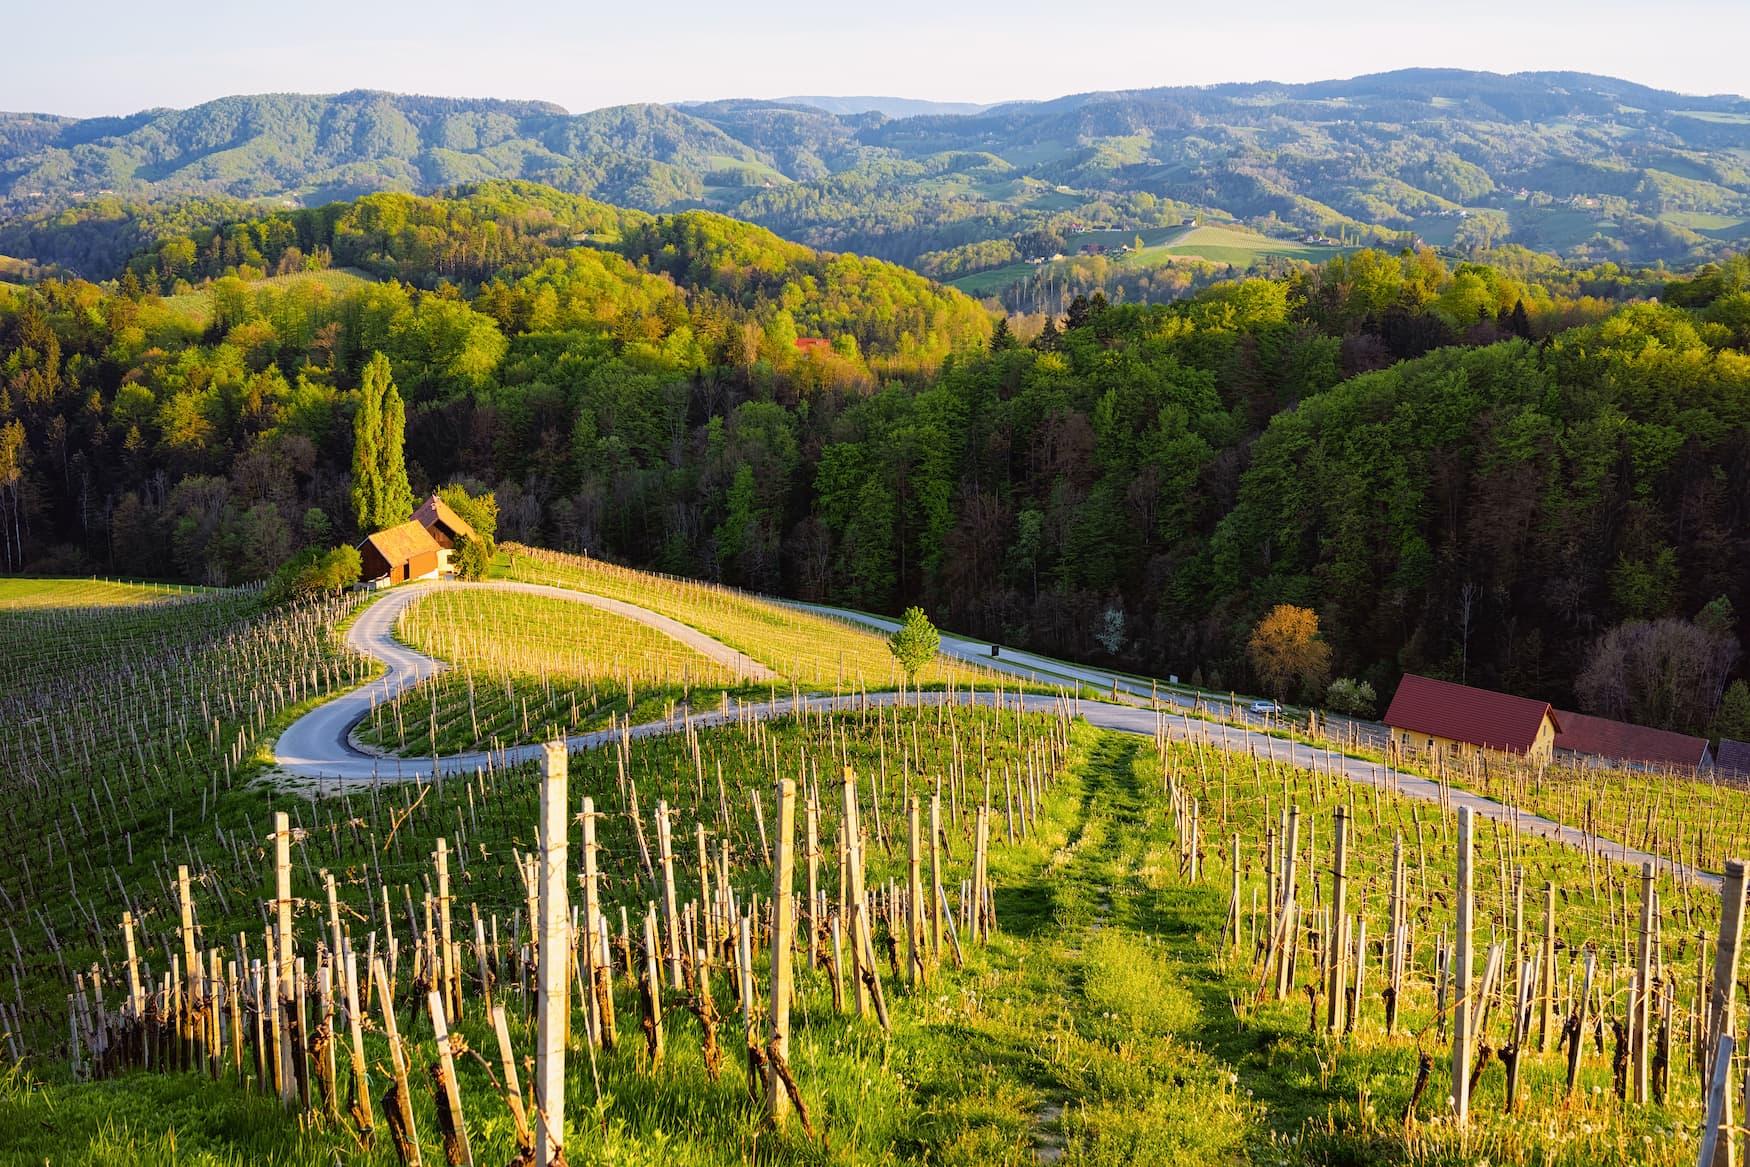 Ein Herz prägt die Weinstraße zwischen den Weinbergen in Slowenien. Malerische Landschaft und Natur in der Nähe von Maribor in Slovenija.